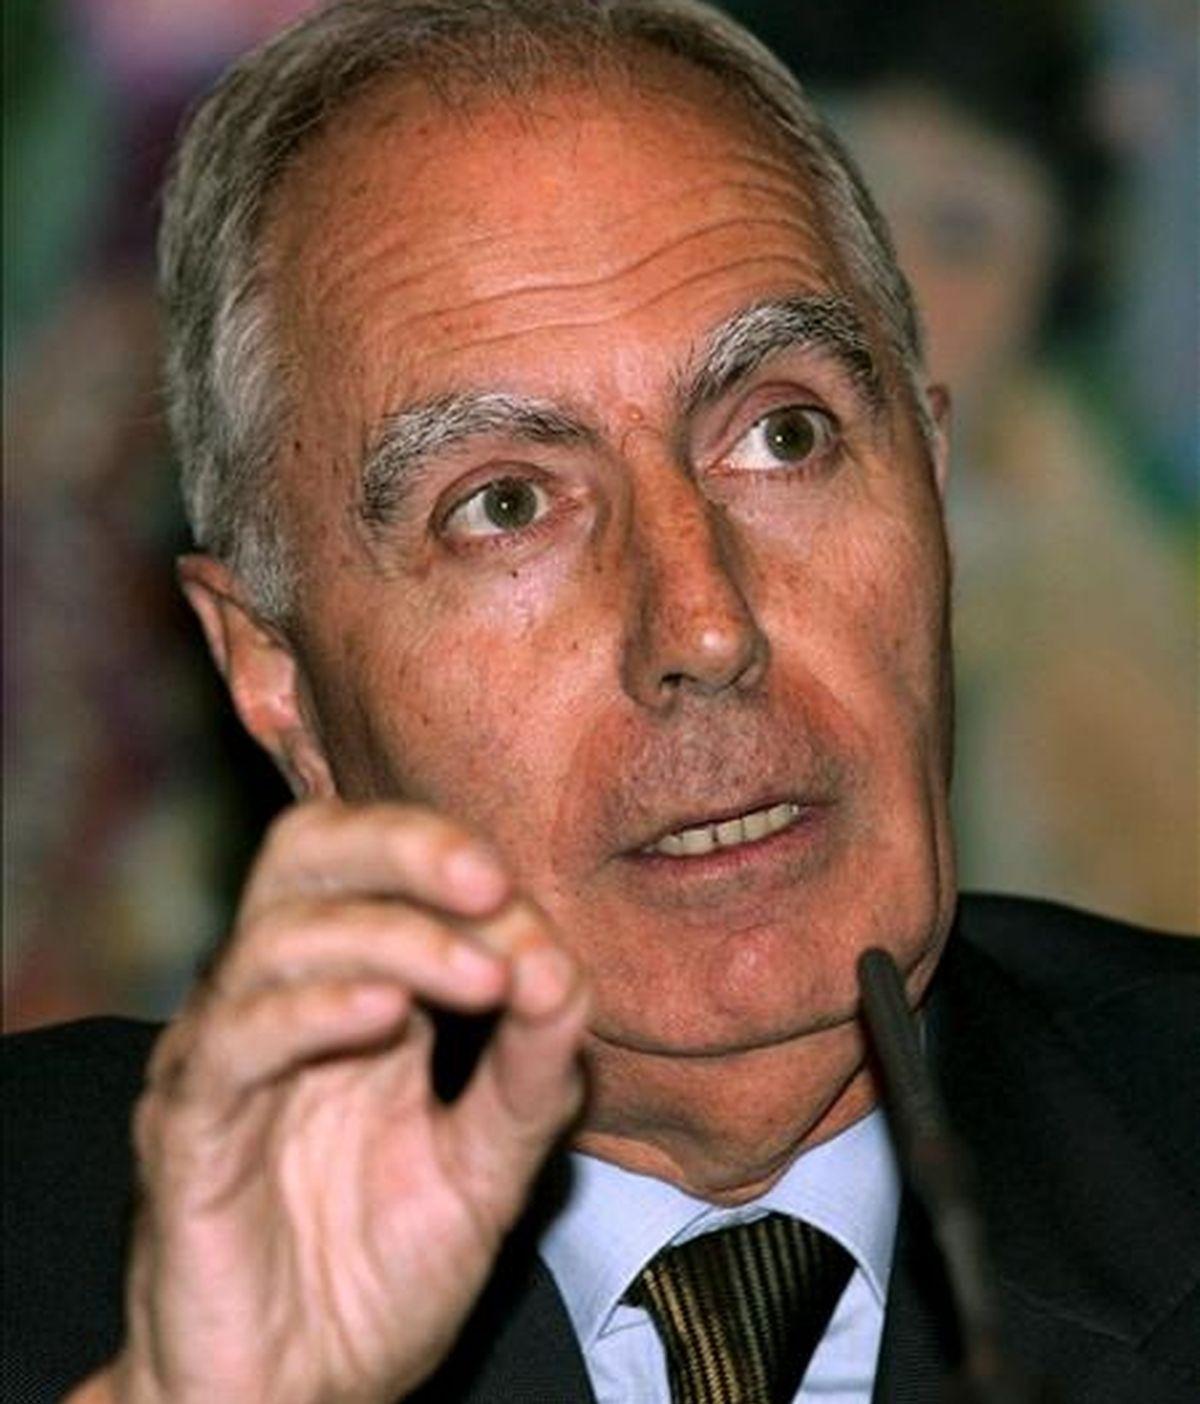 El ex presidente del Congreso de los Diputados Felix Pons Irazábal. EFE/Archivo